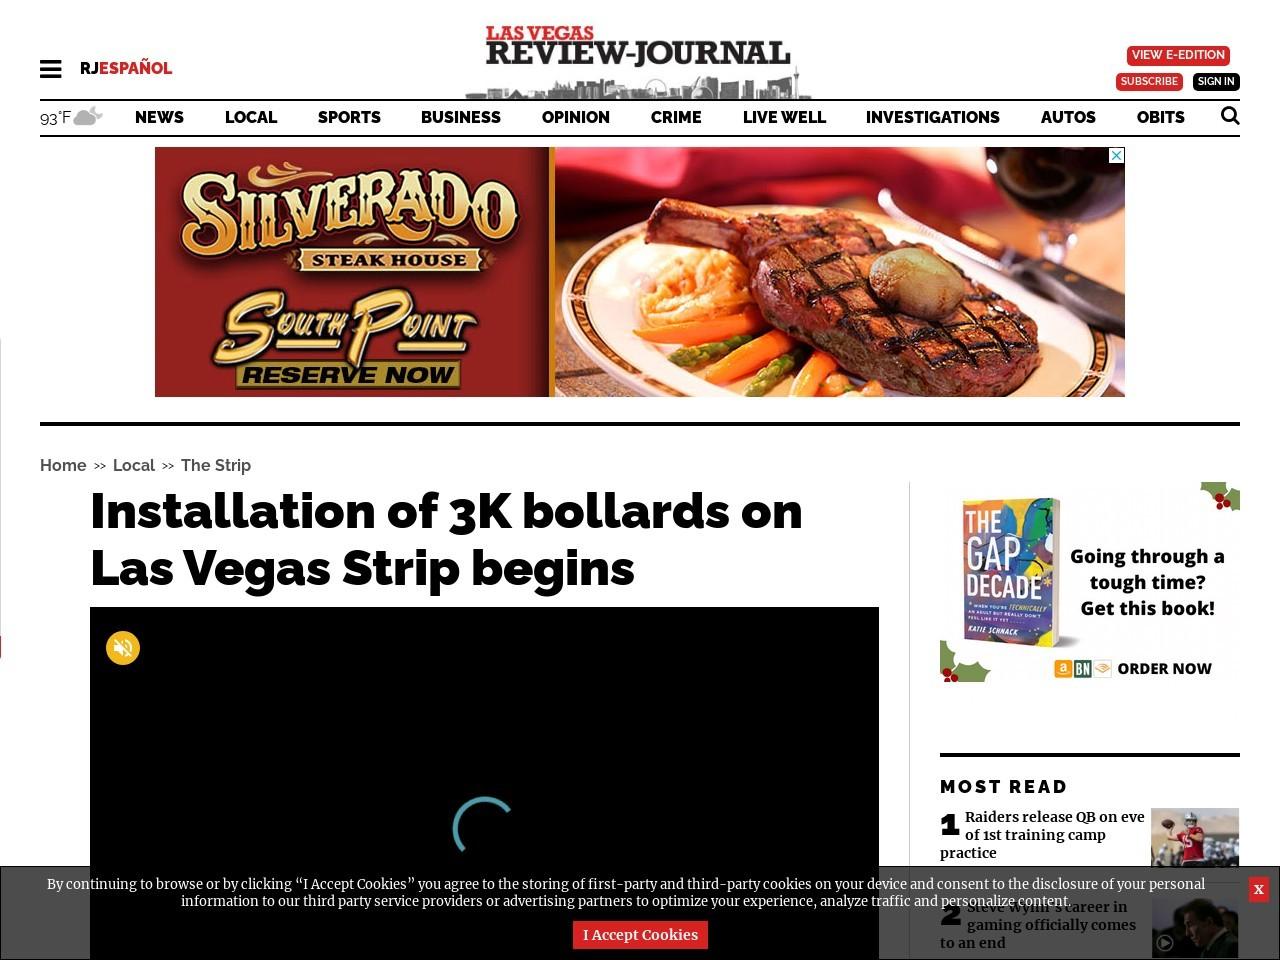 Installation of 3K bollards on Las Vegas Strip begins